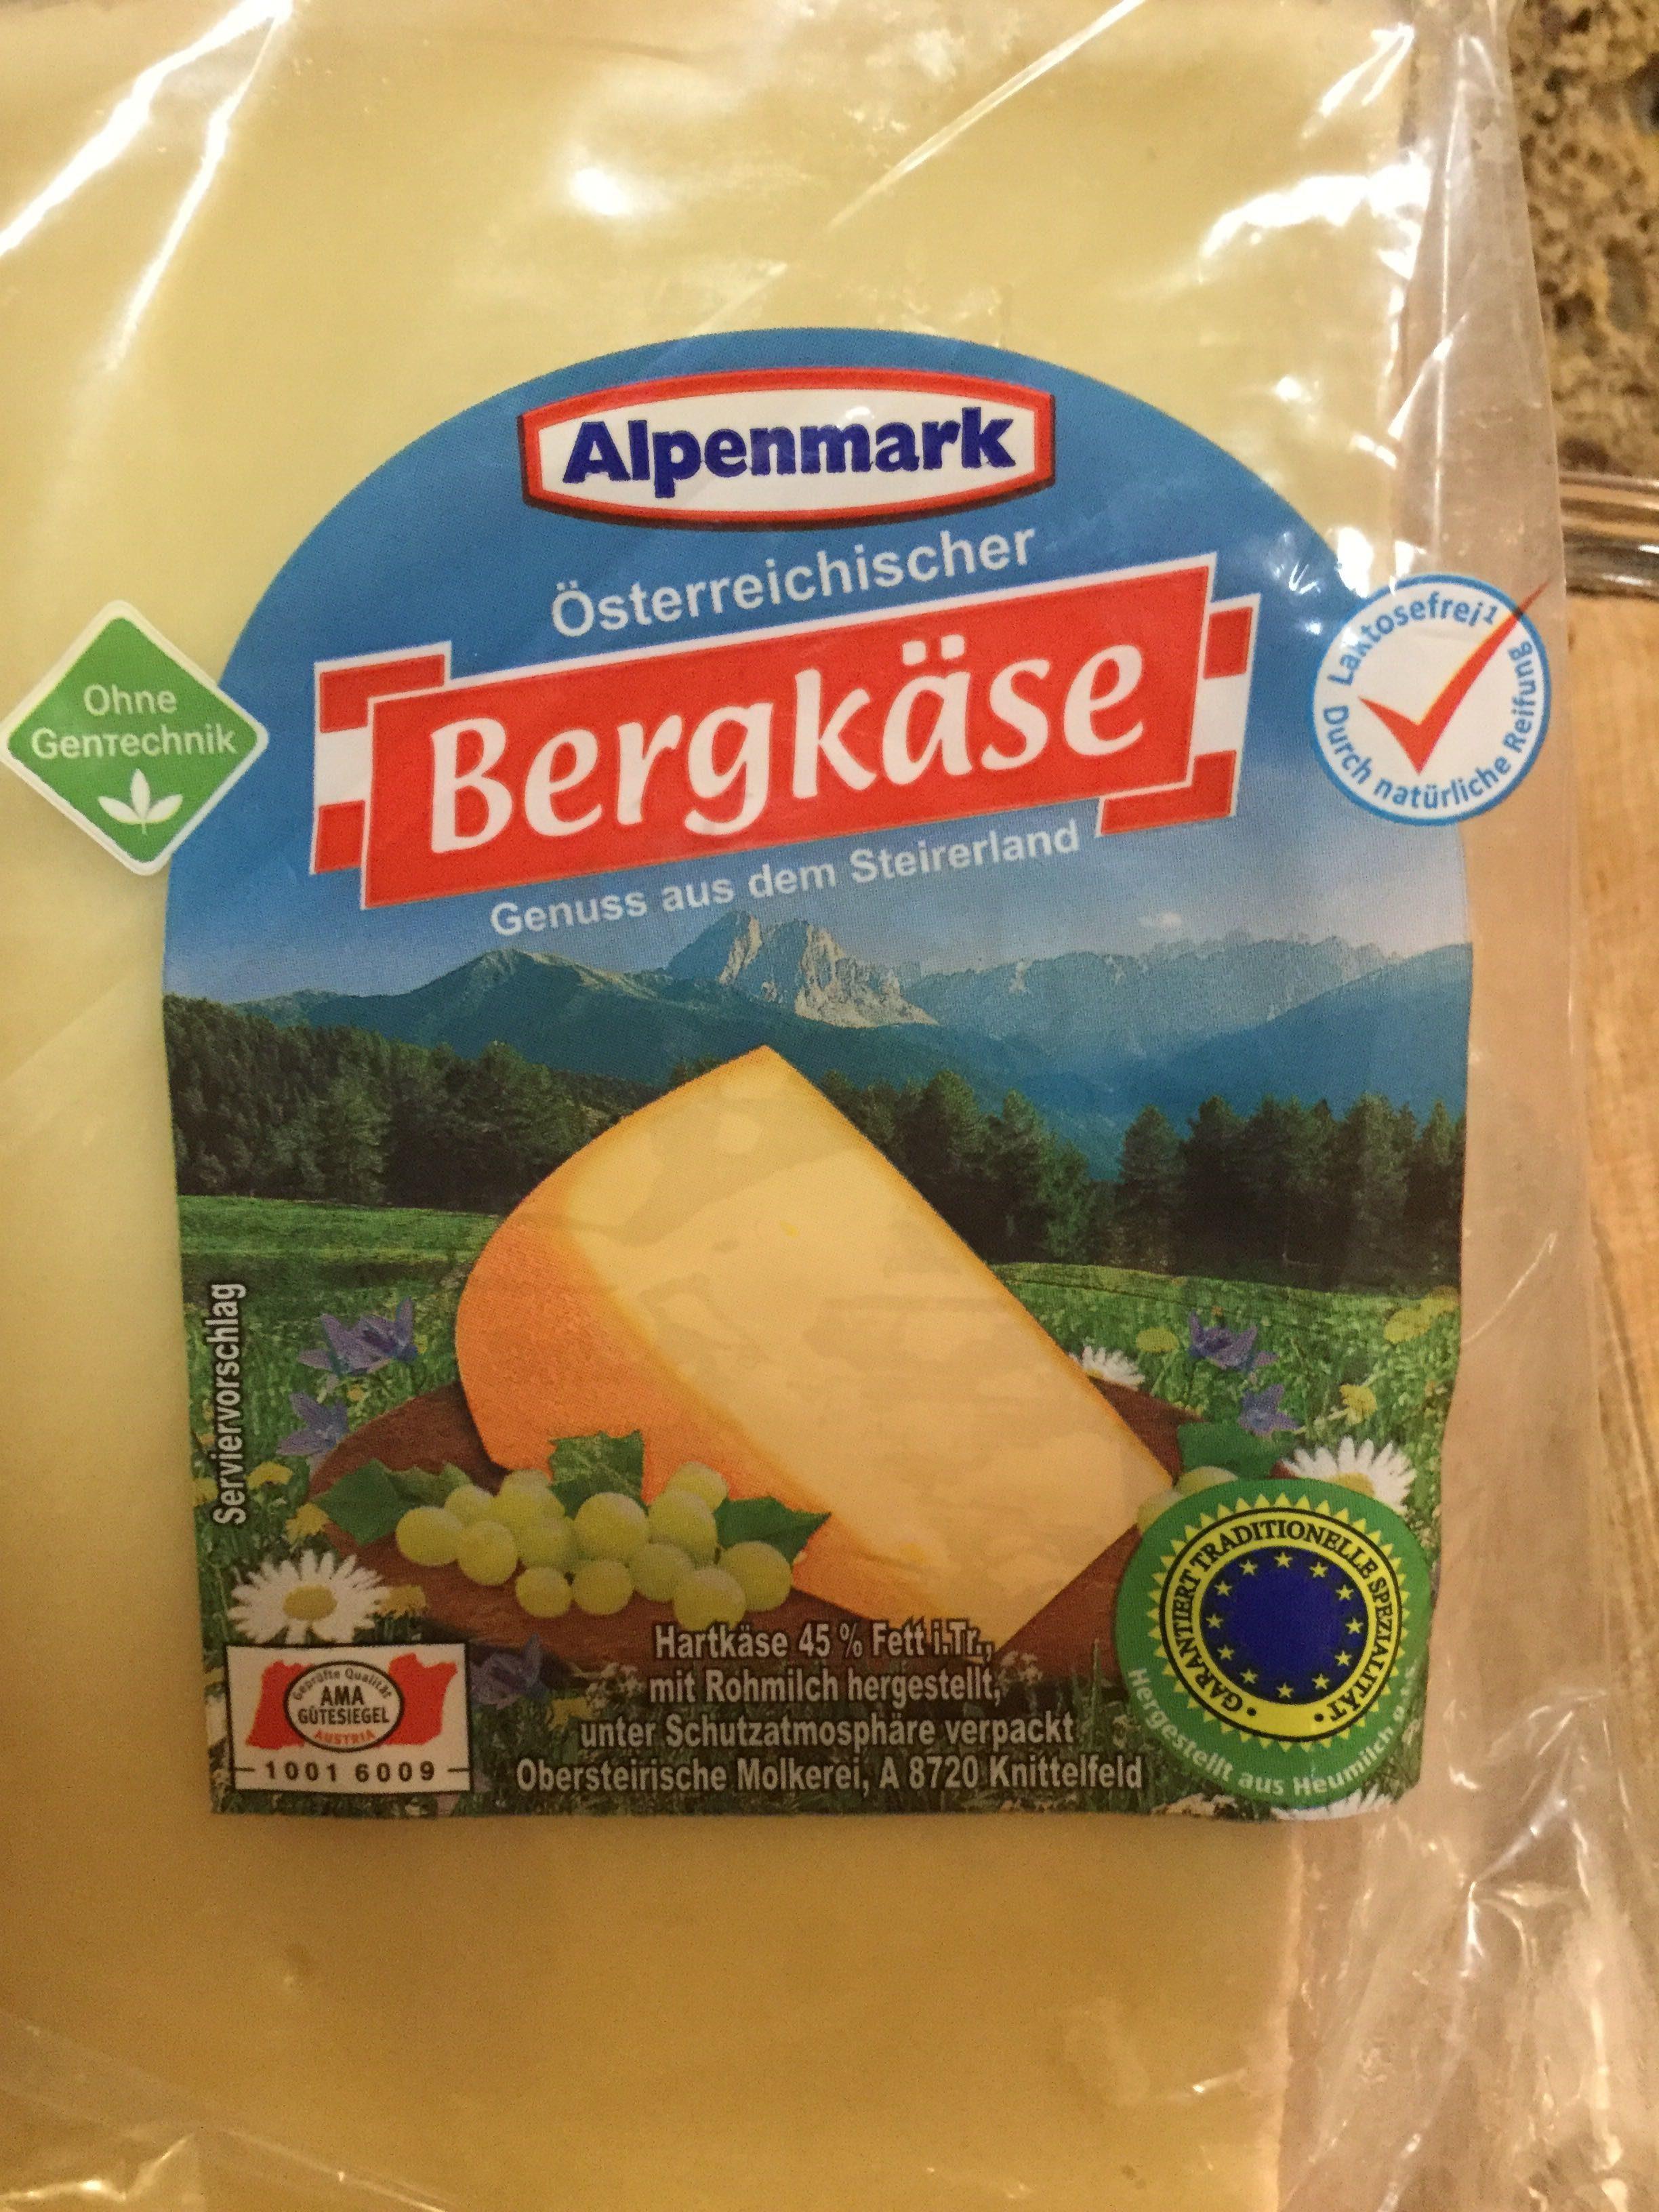 Osterreichischer Bergkase Alpenmark 100 G